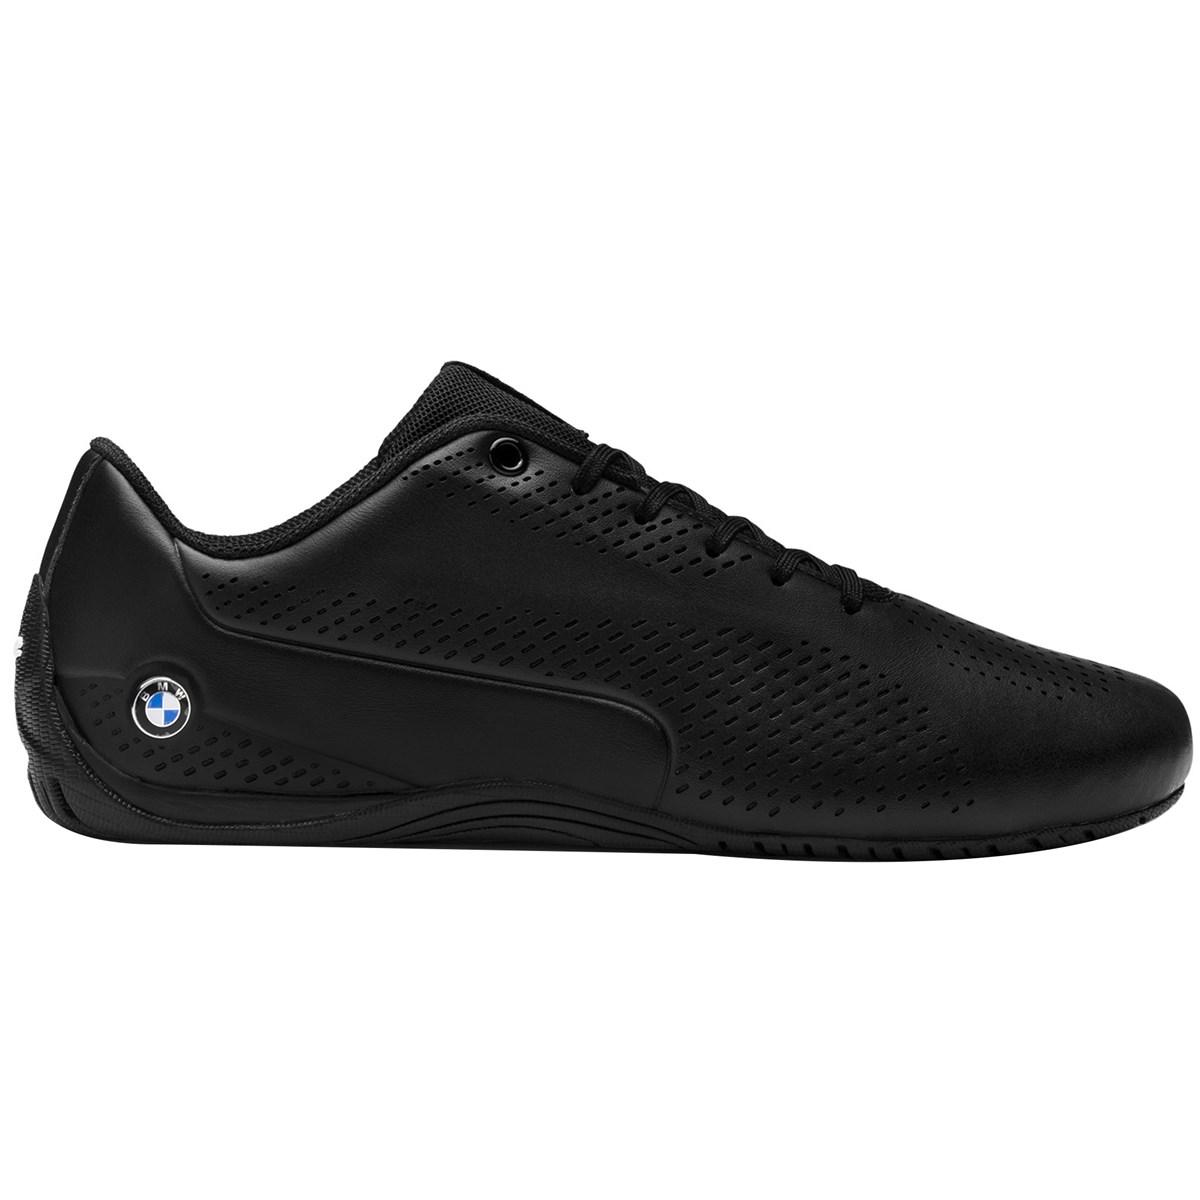 BMW Drift Cat 5 Ultra Erkek Siyah Spor Ayakkabı